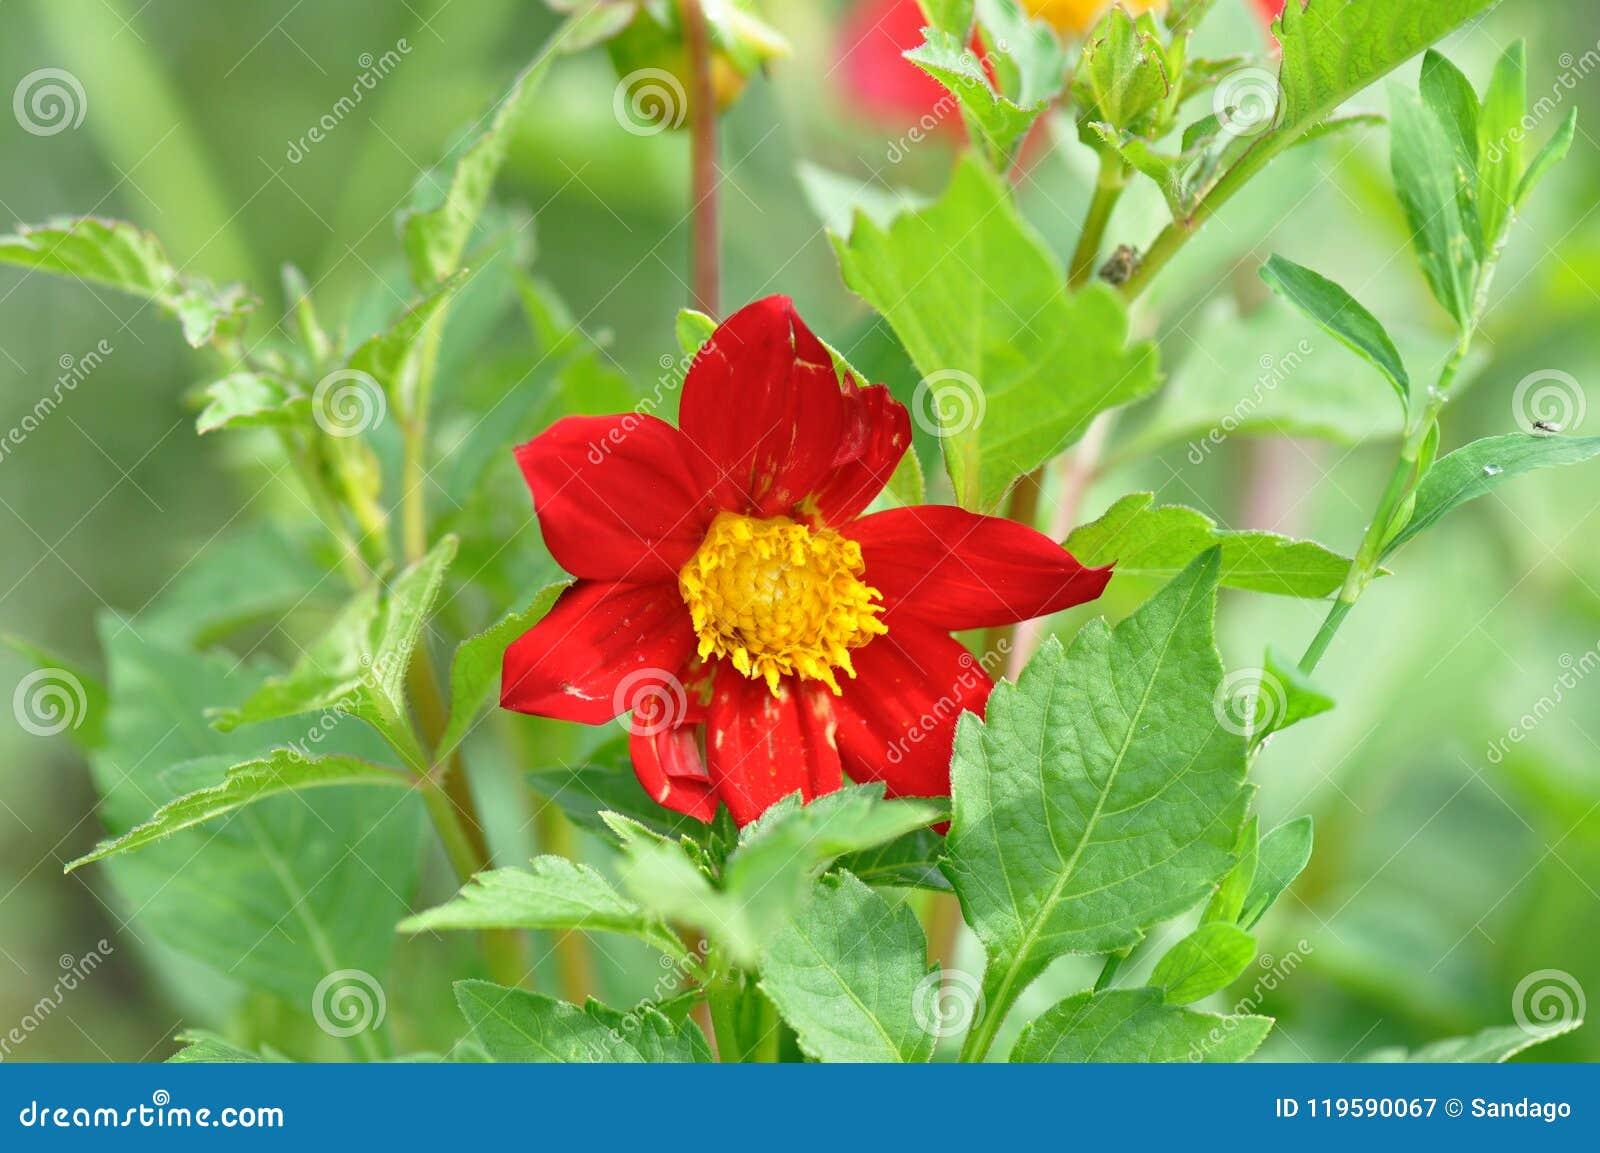 Garten-Dahlie Blume, buschig